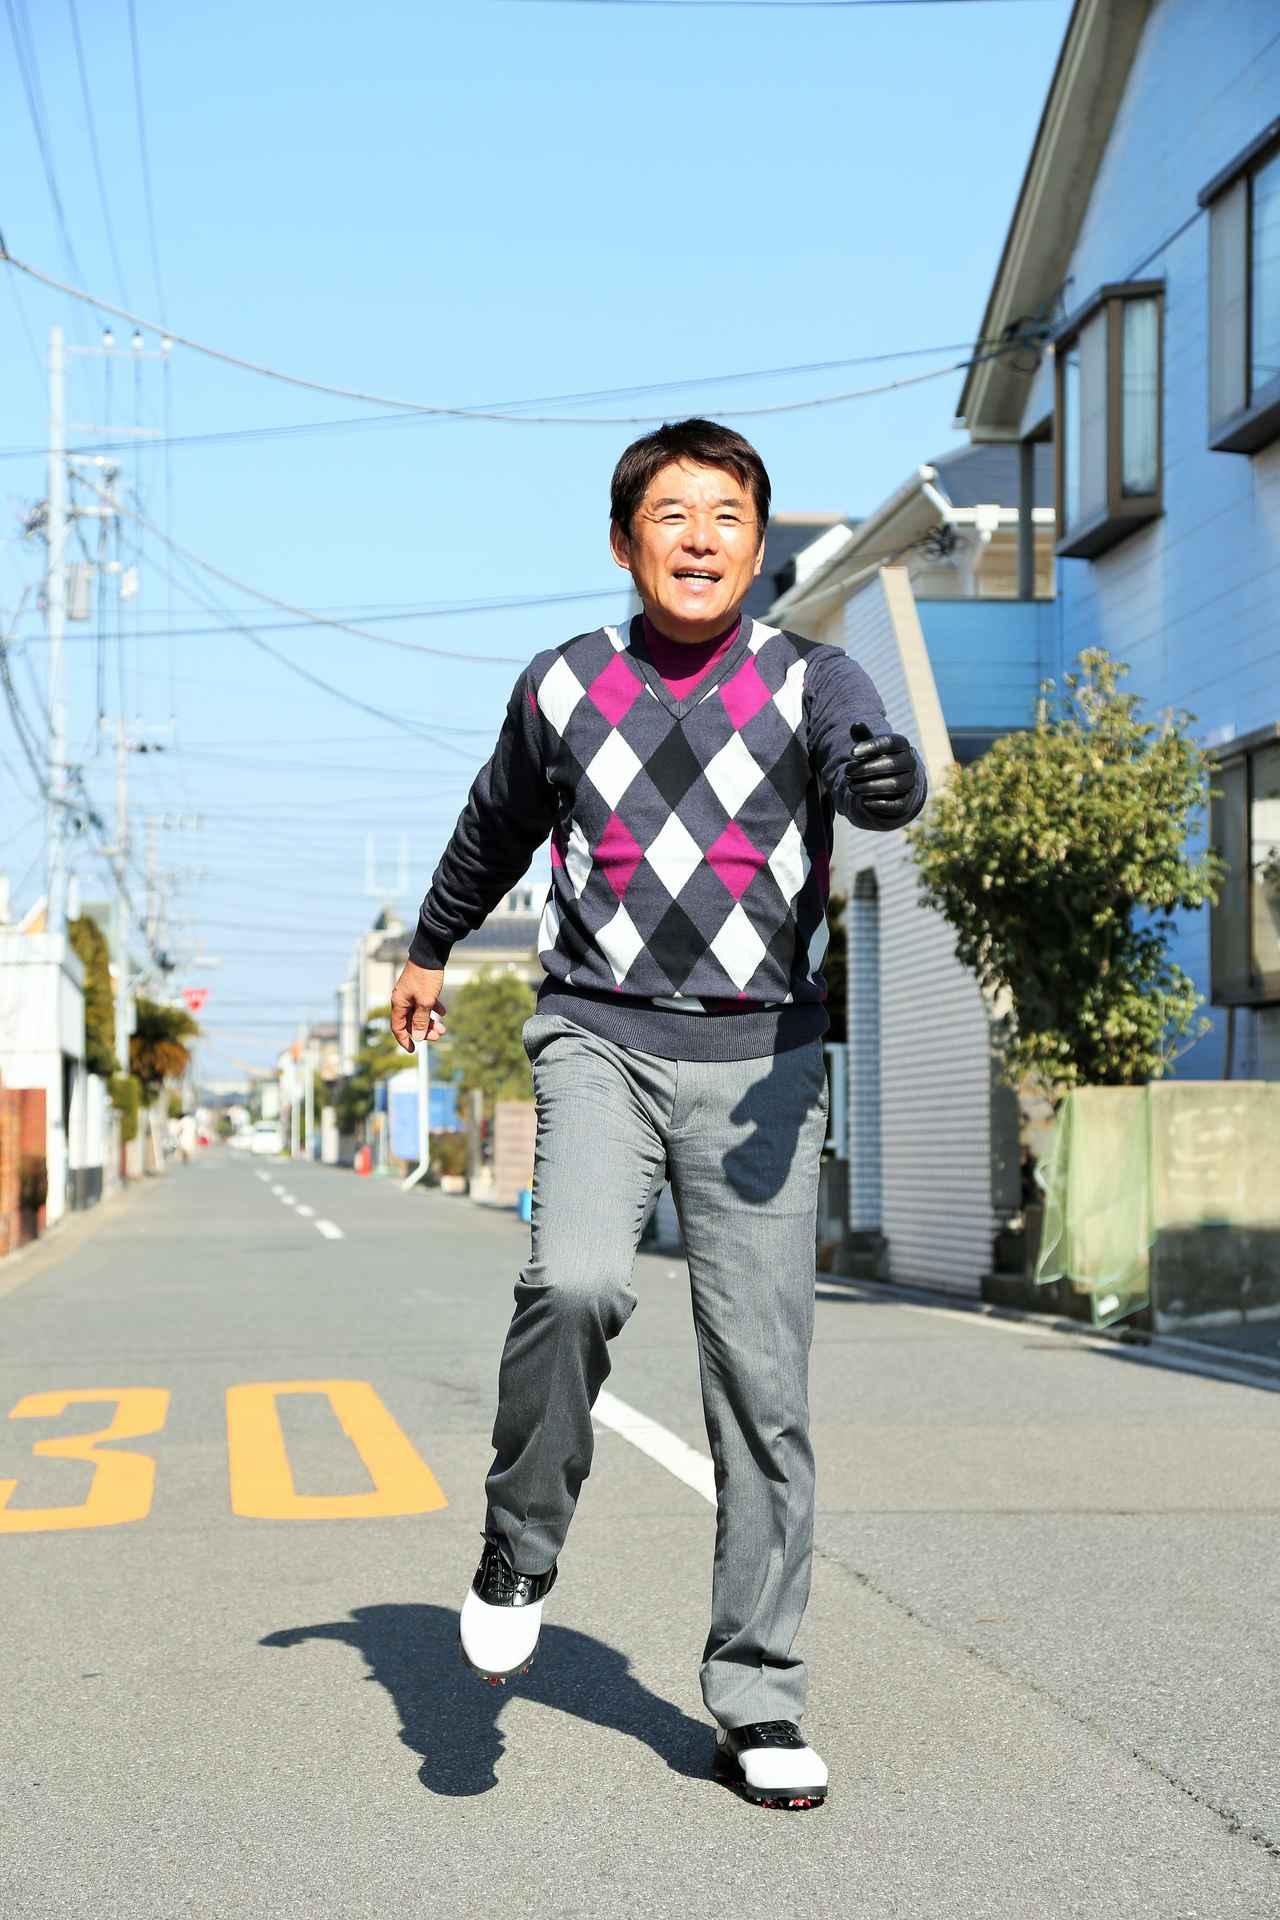 画像: 左足に体重が移っていき、それにつられて左腕が前に出る。右腕は後ろに下がる。下半身⇒上半身の順に動く